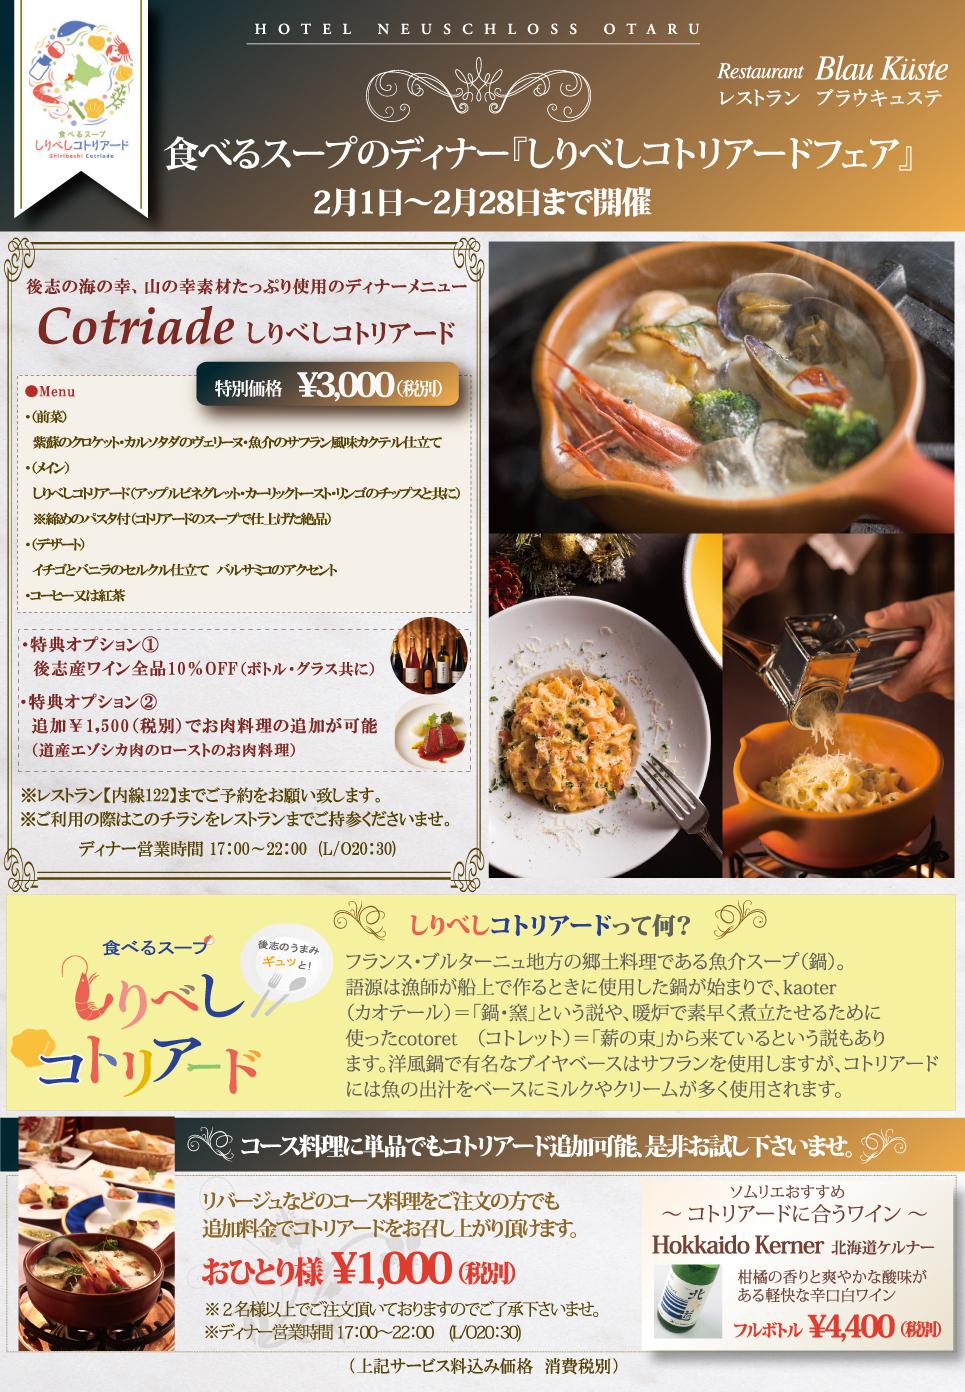 コトリアード 食べるスープ フレンチ 小樽 しりべし 後志 札幌 函館 北海道ケルナー 辛口ワイン 白ワイン イルミネーション 雪 鍋